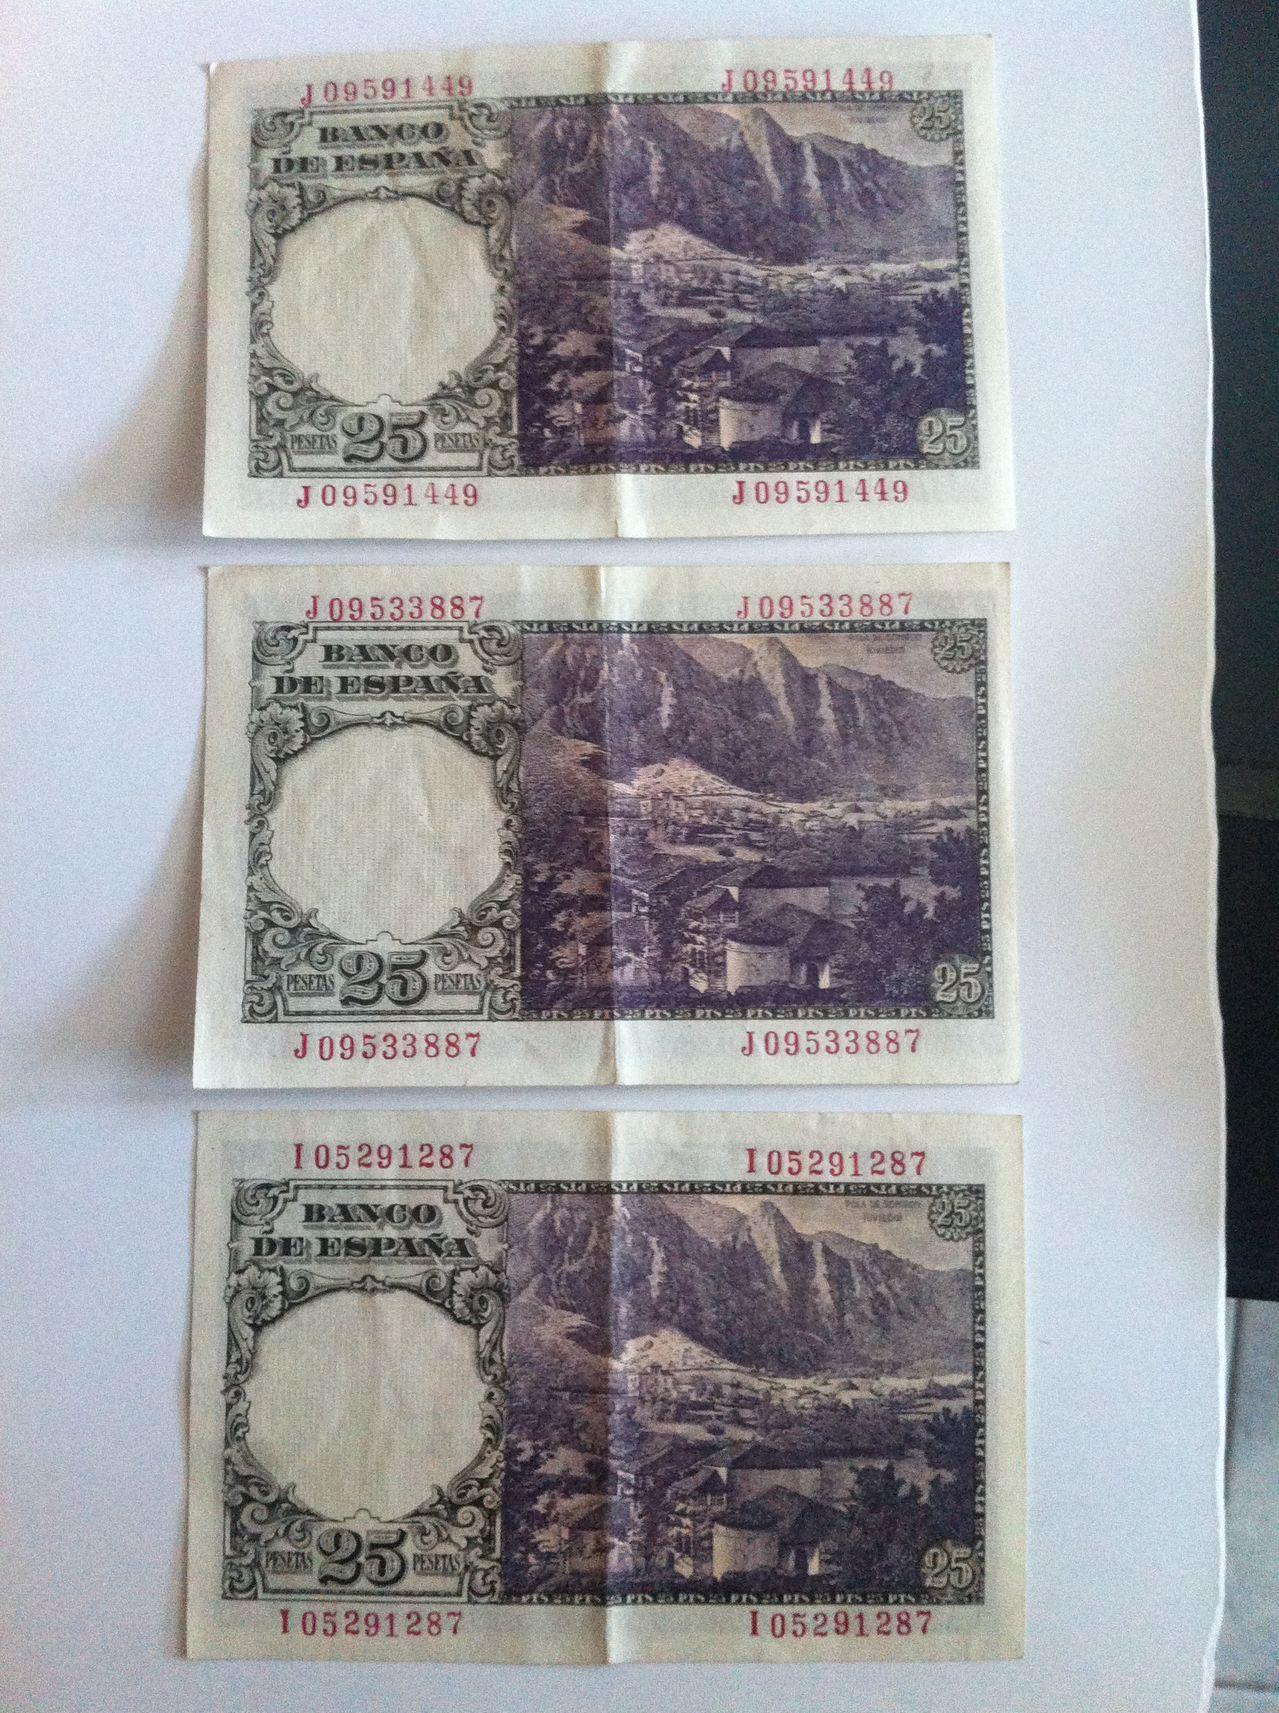 Ayuda para valorar coleccion de billetes IMG_4996